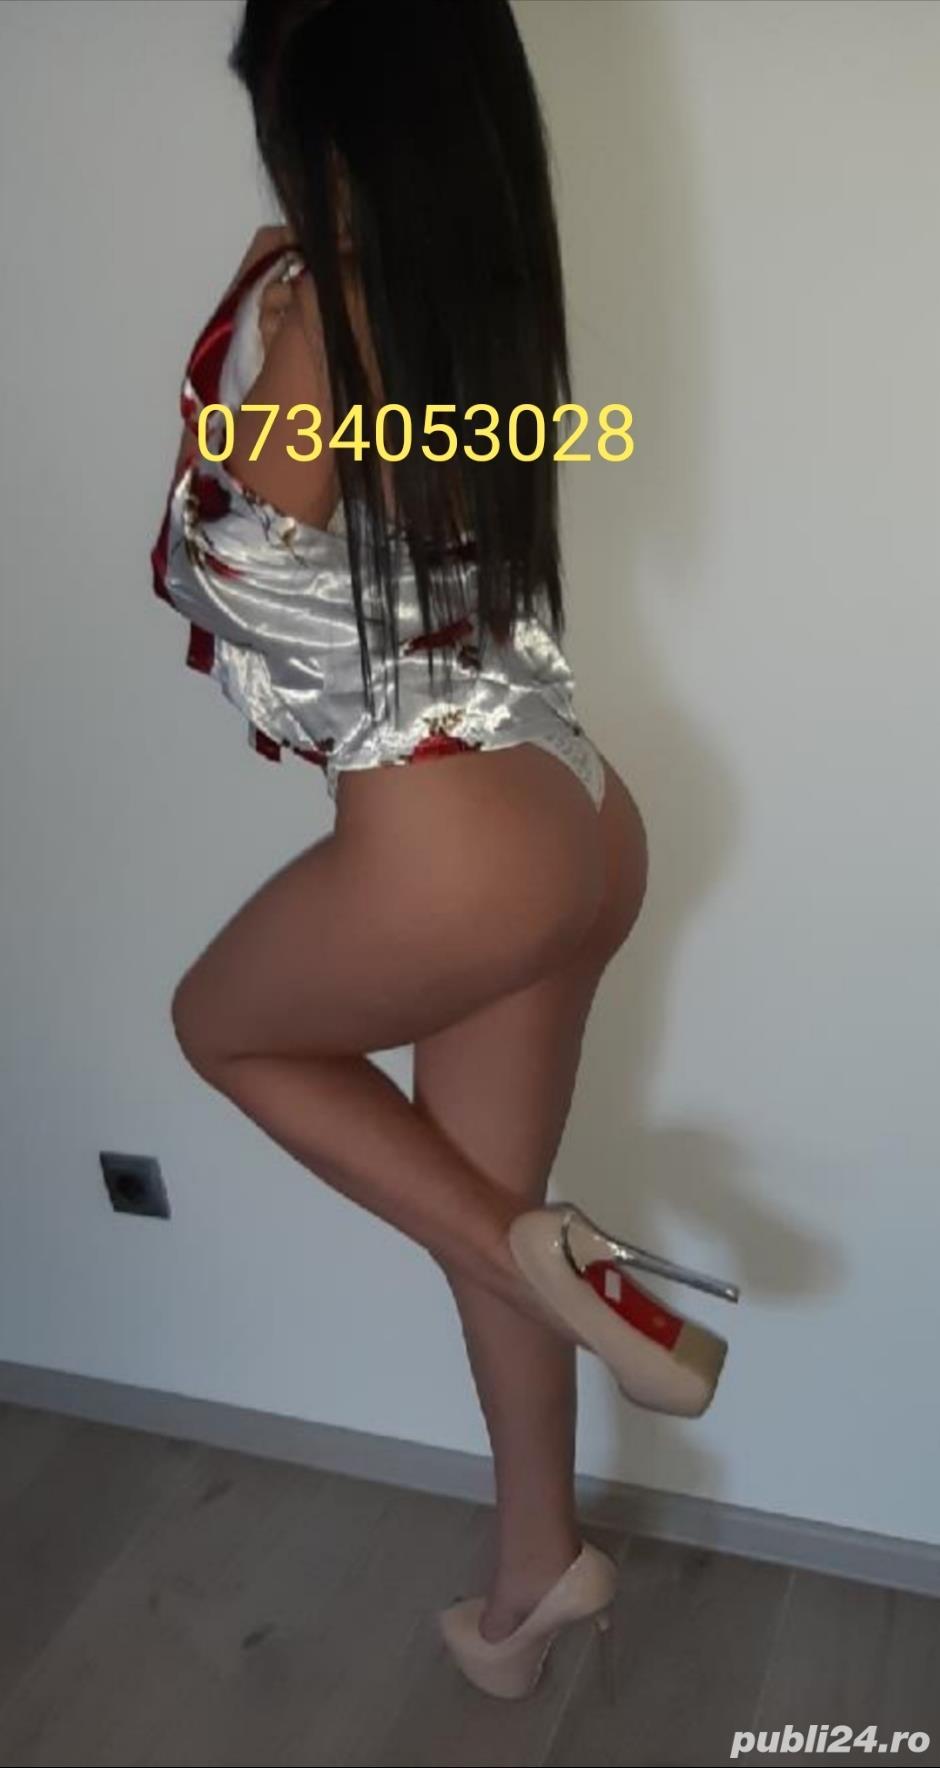 a0260faf6e8c044403e6fe1ced1f5a02